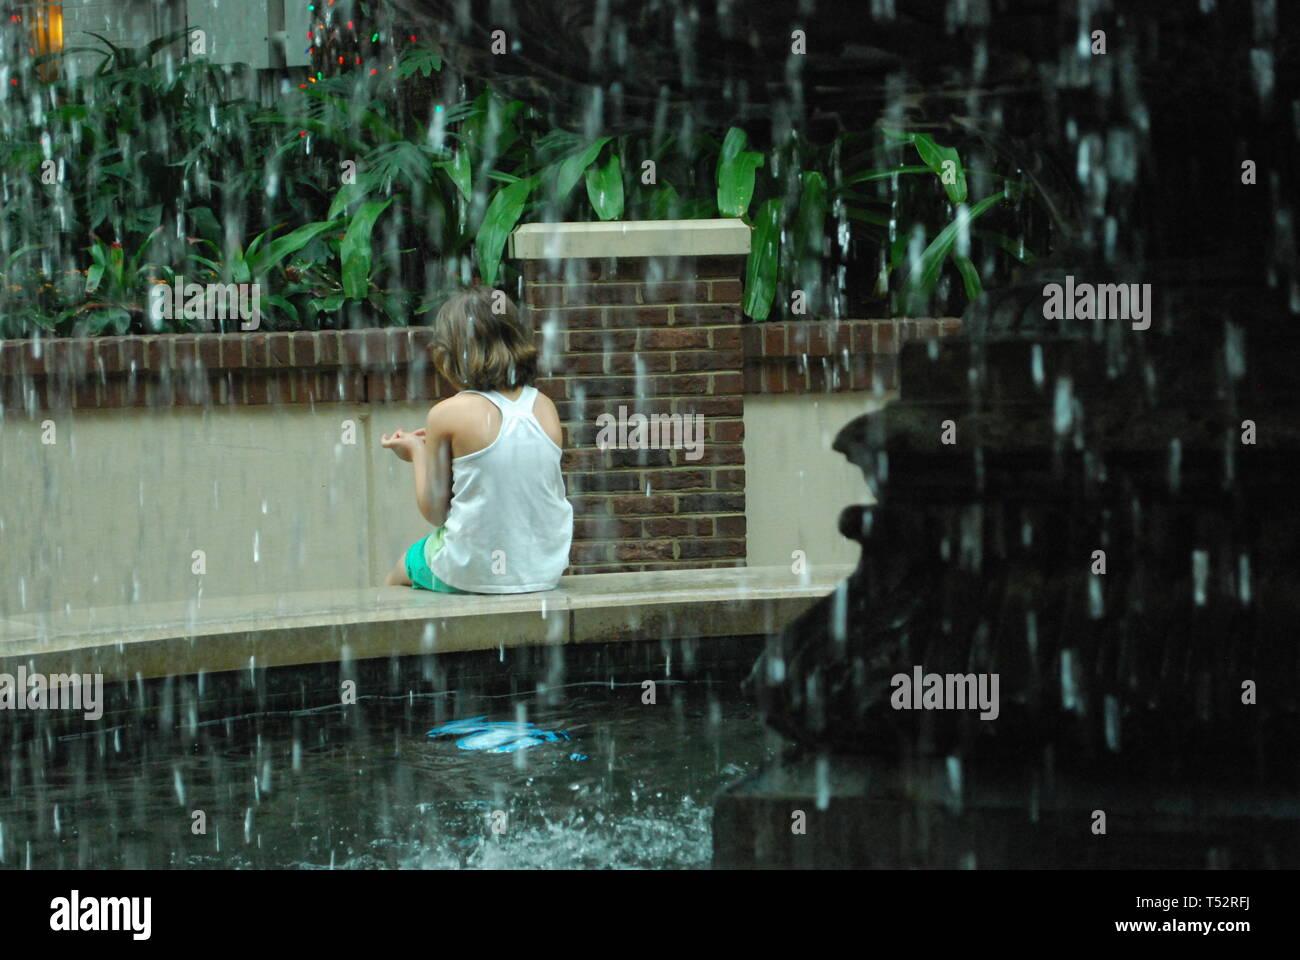 Blick durch Tropfen der Brunnen auf das kleine Mädchen allein in den tropischen Garten. Trauriges Kind wartet auf jemanden. Konzept der Annahme Stockfoto